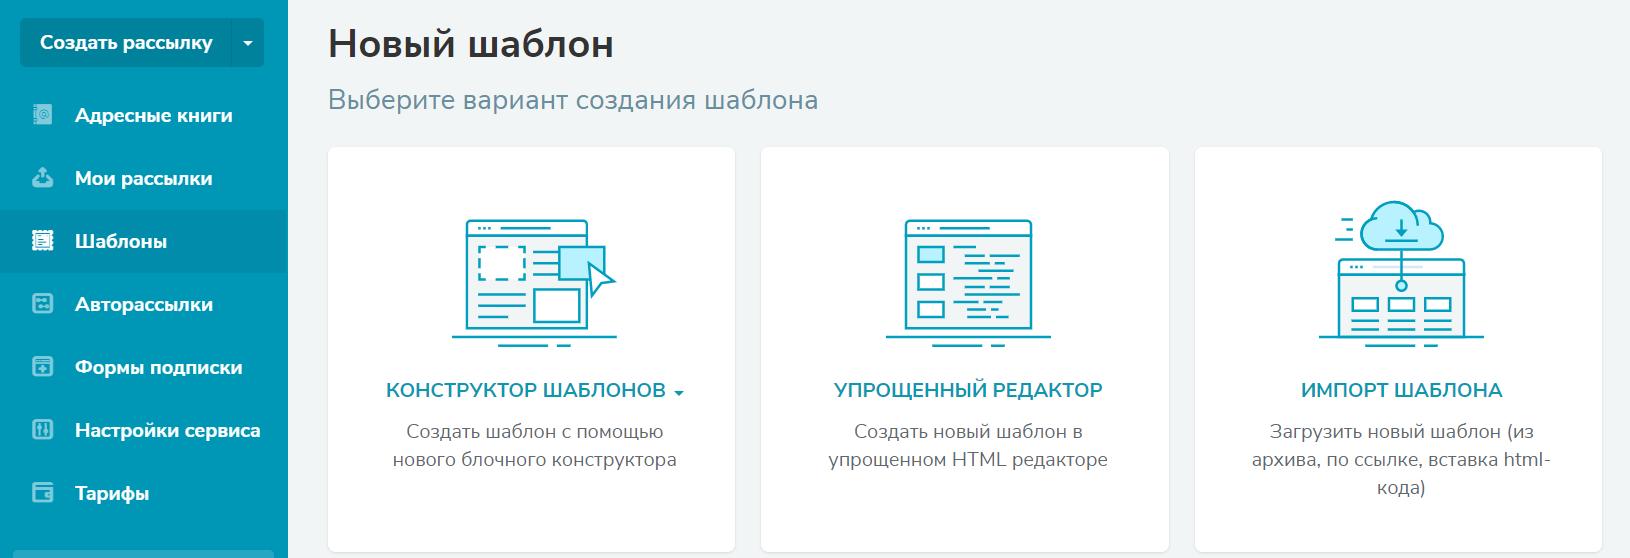 бесплатная email рассылка новый шаблон